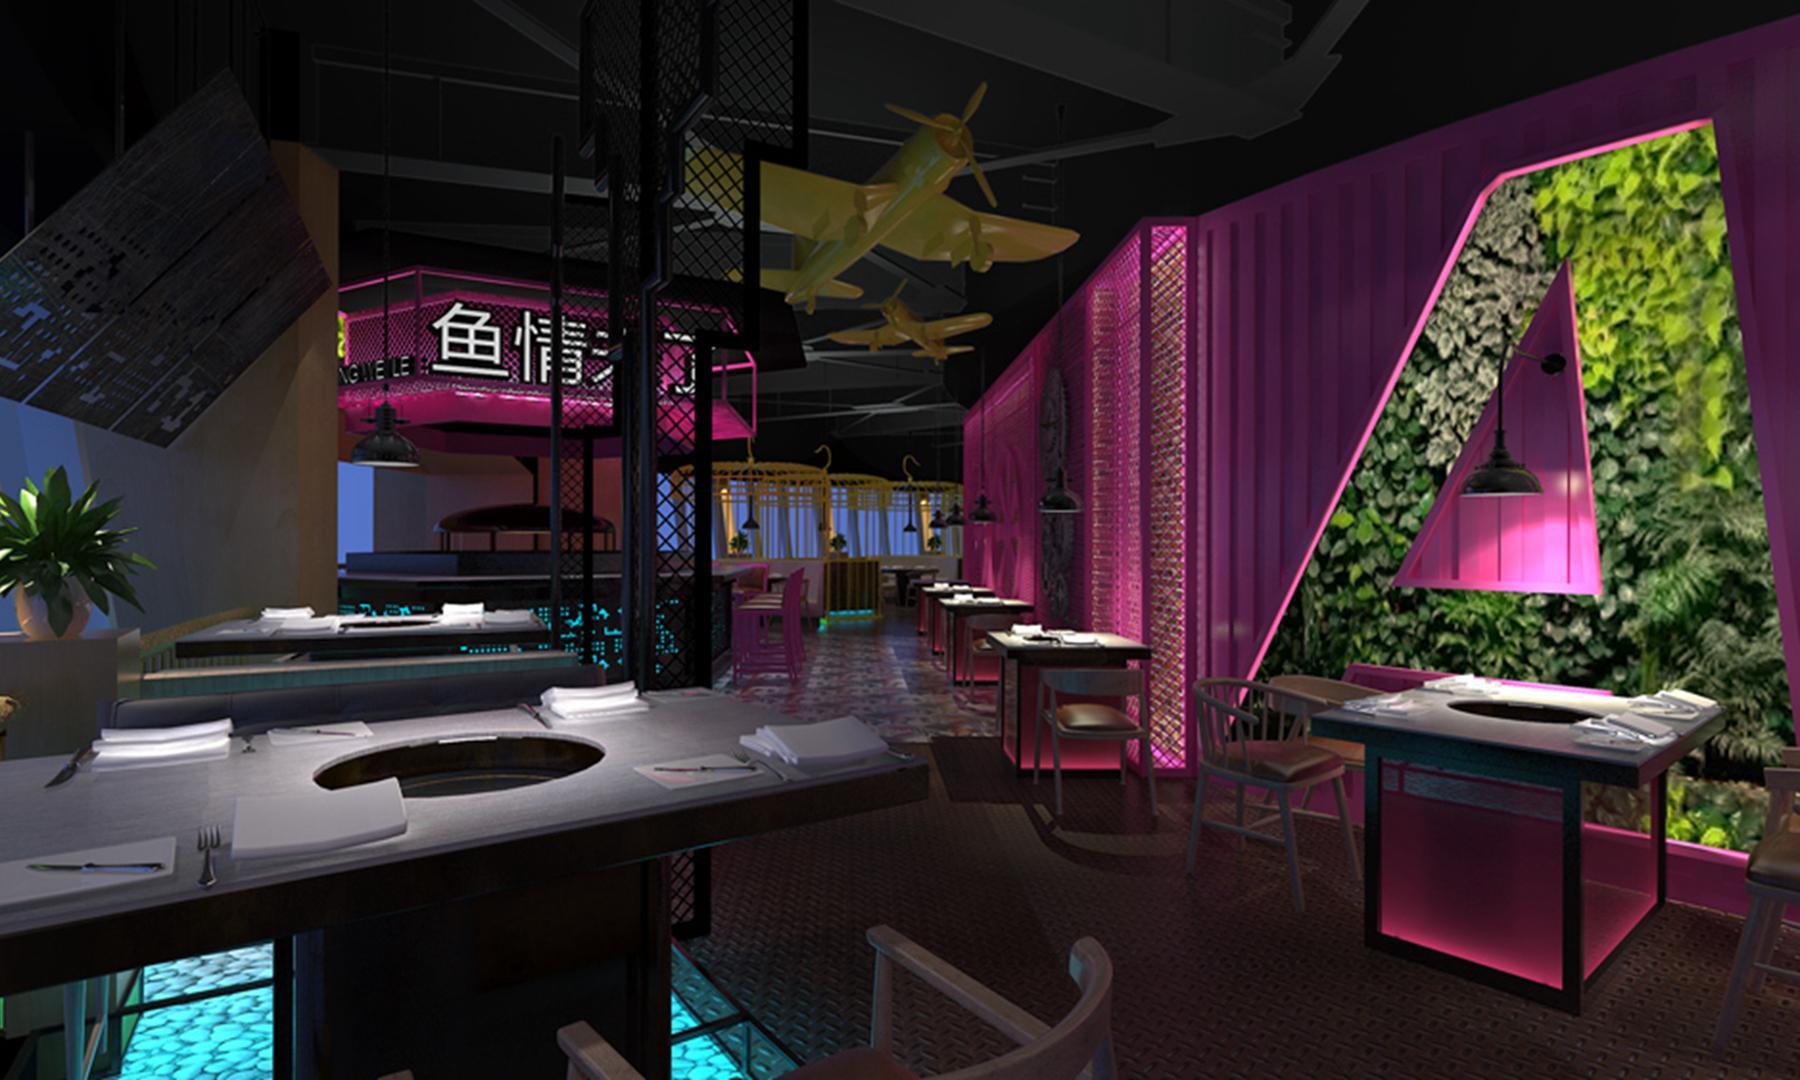 成都专业设计_餐厅火锅店装修设计_成都机械设计研究院酒楼四川图片